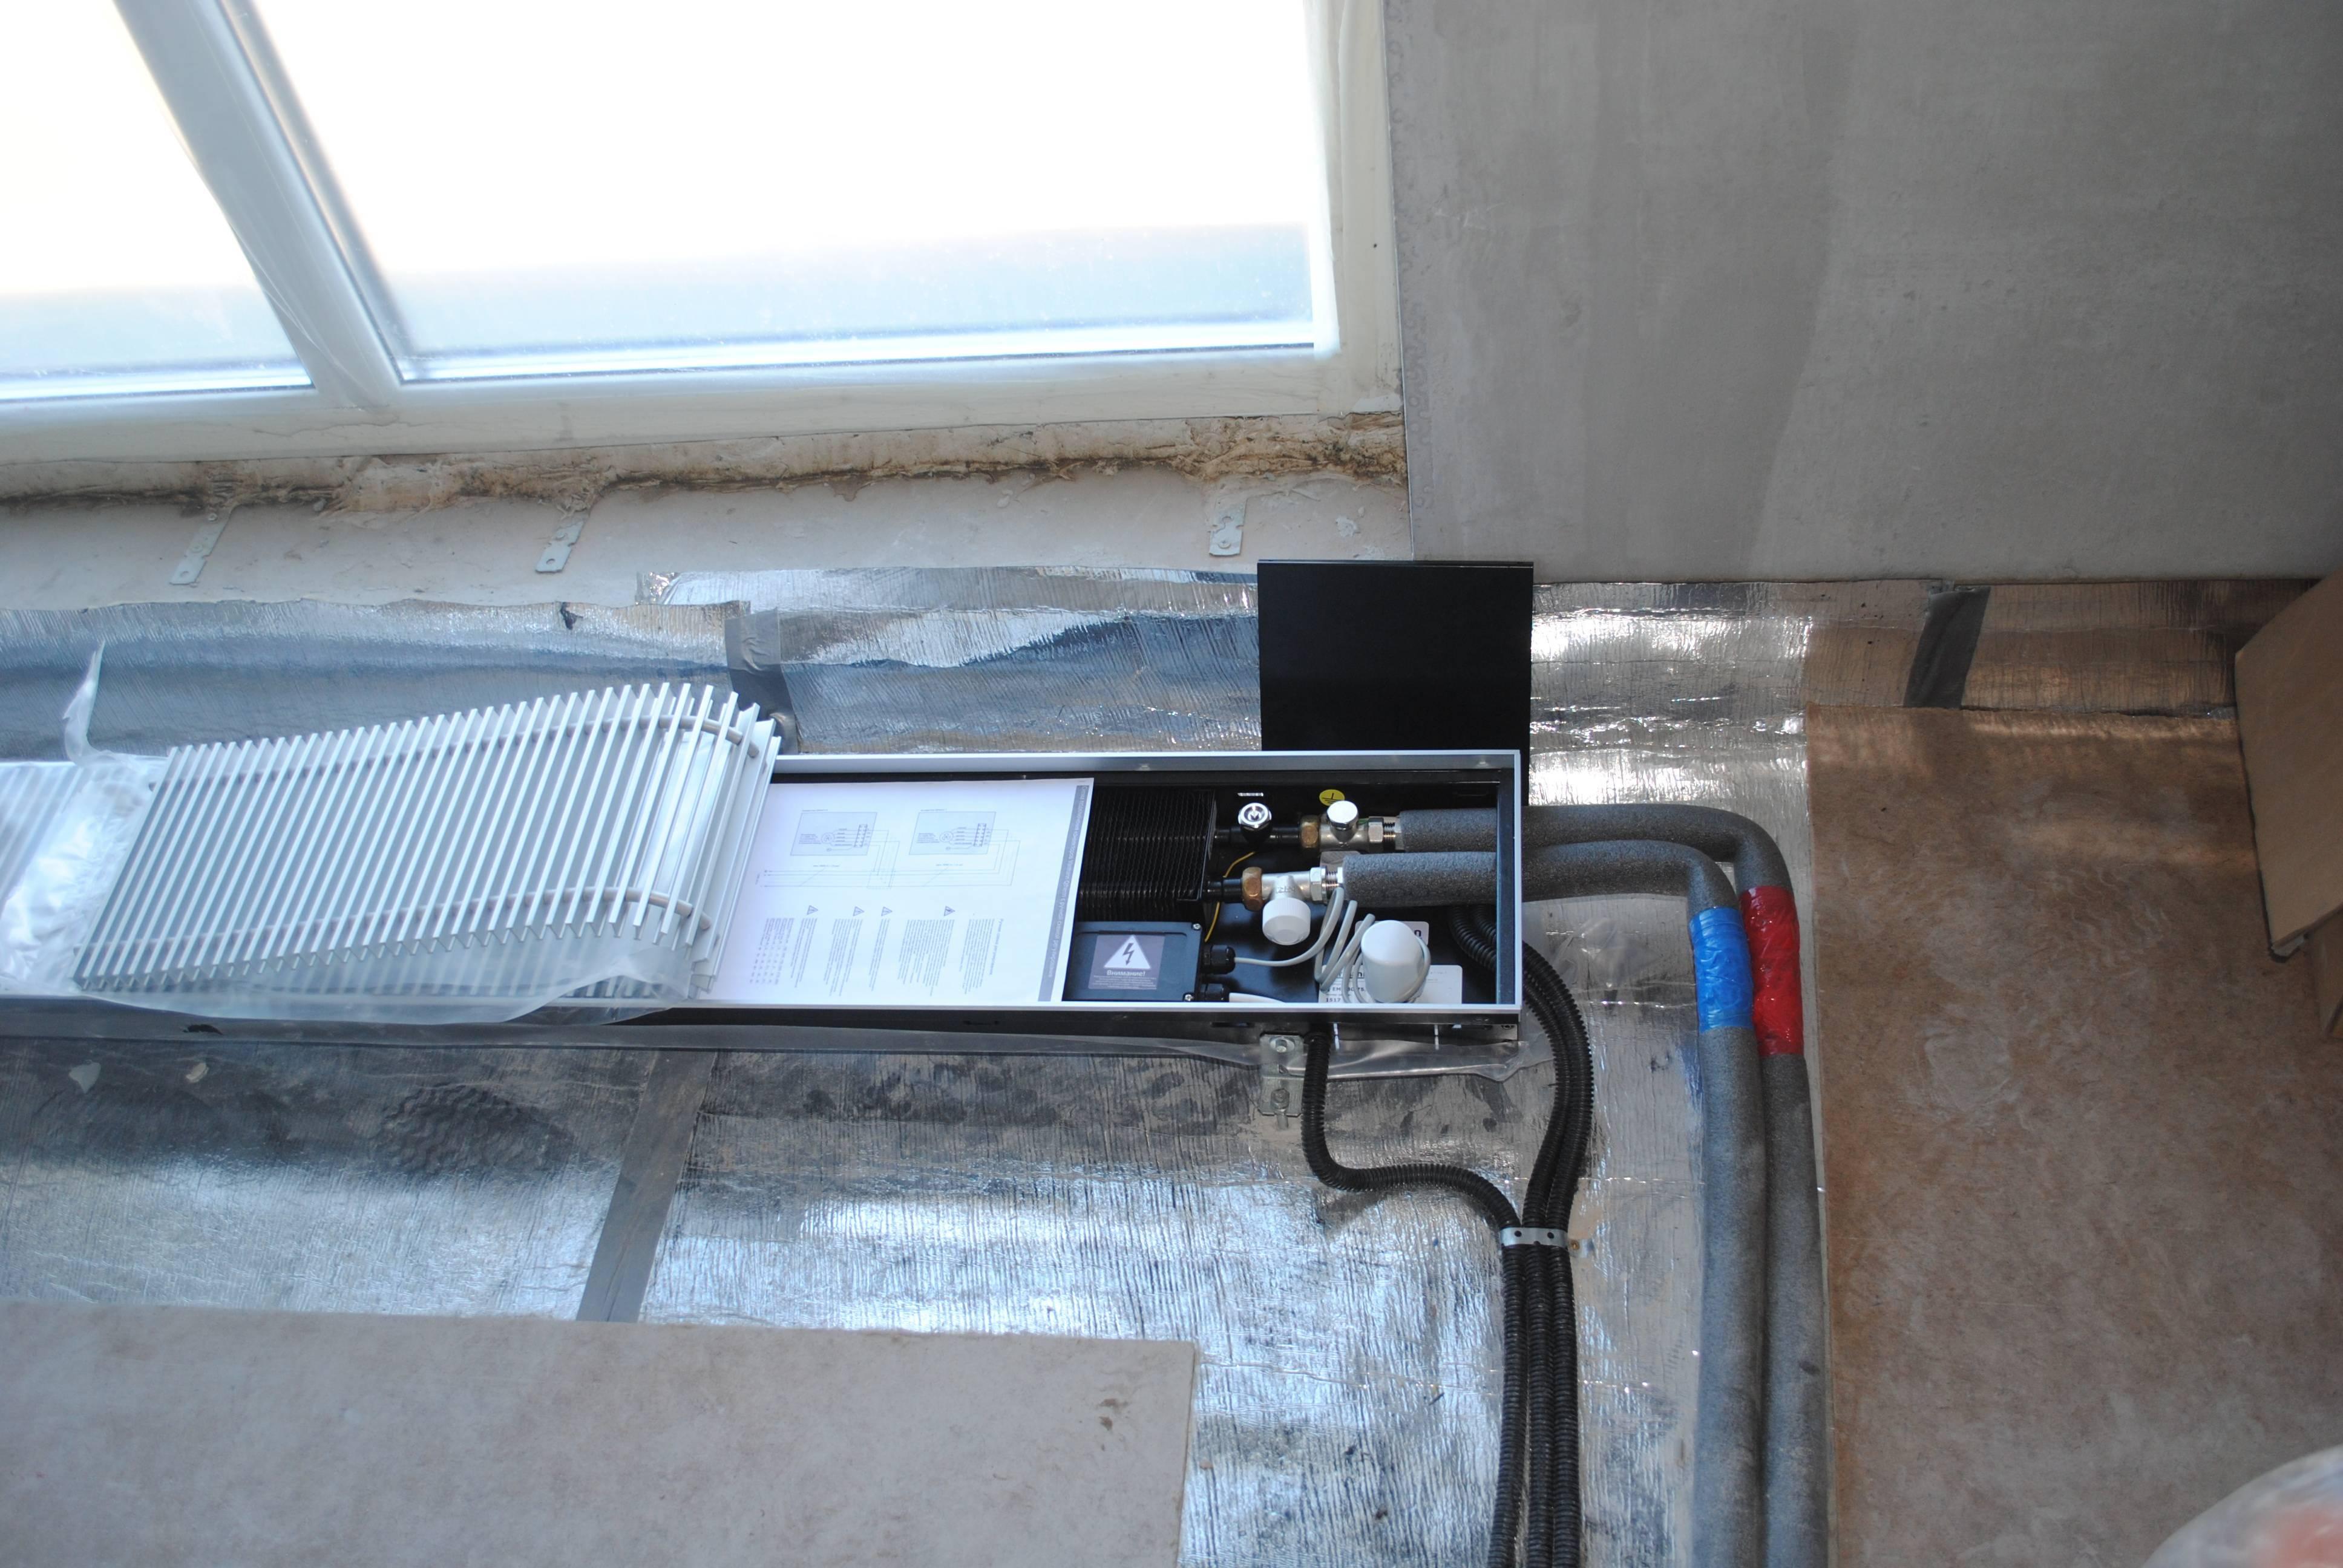 Внутрипольные конвекторы (65 фото): обзор электрических и водных моделей с вентилятором, встраиваемых в пол. «бриз» и eva, kermi, itermic и другие